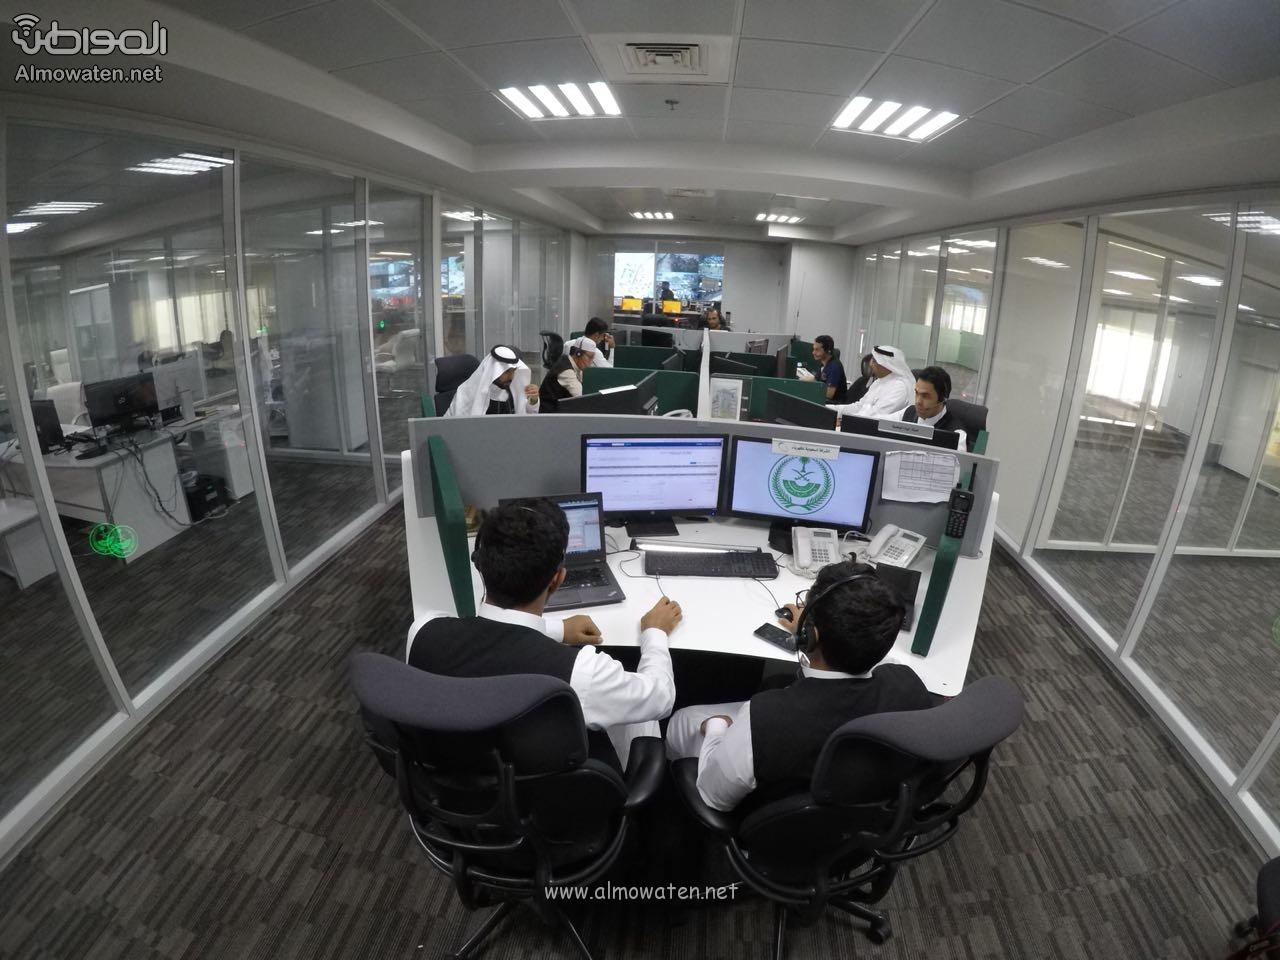 مركز العمليات الأمنية 911 1